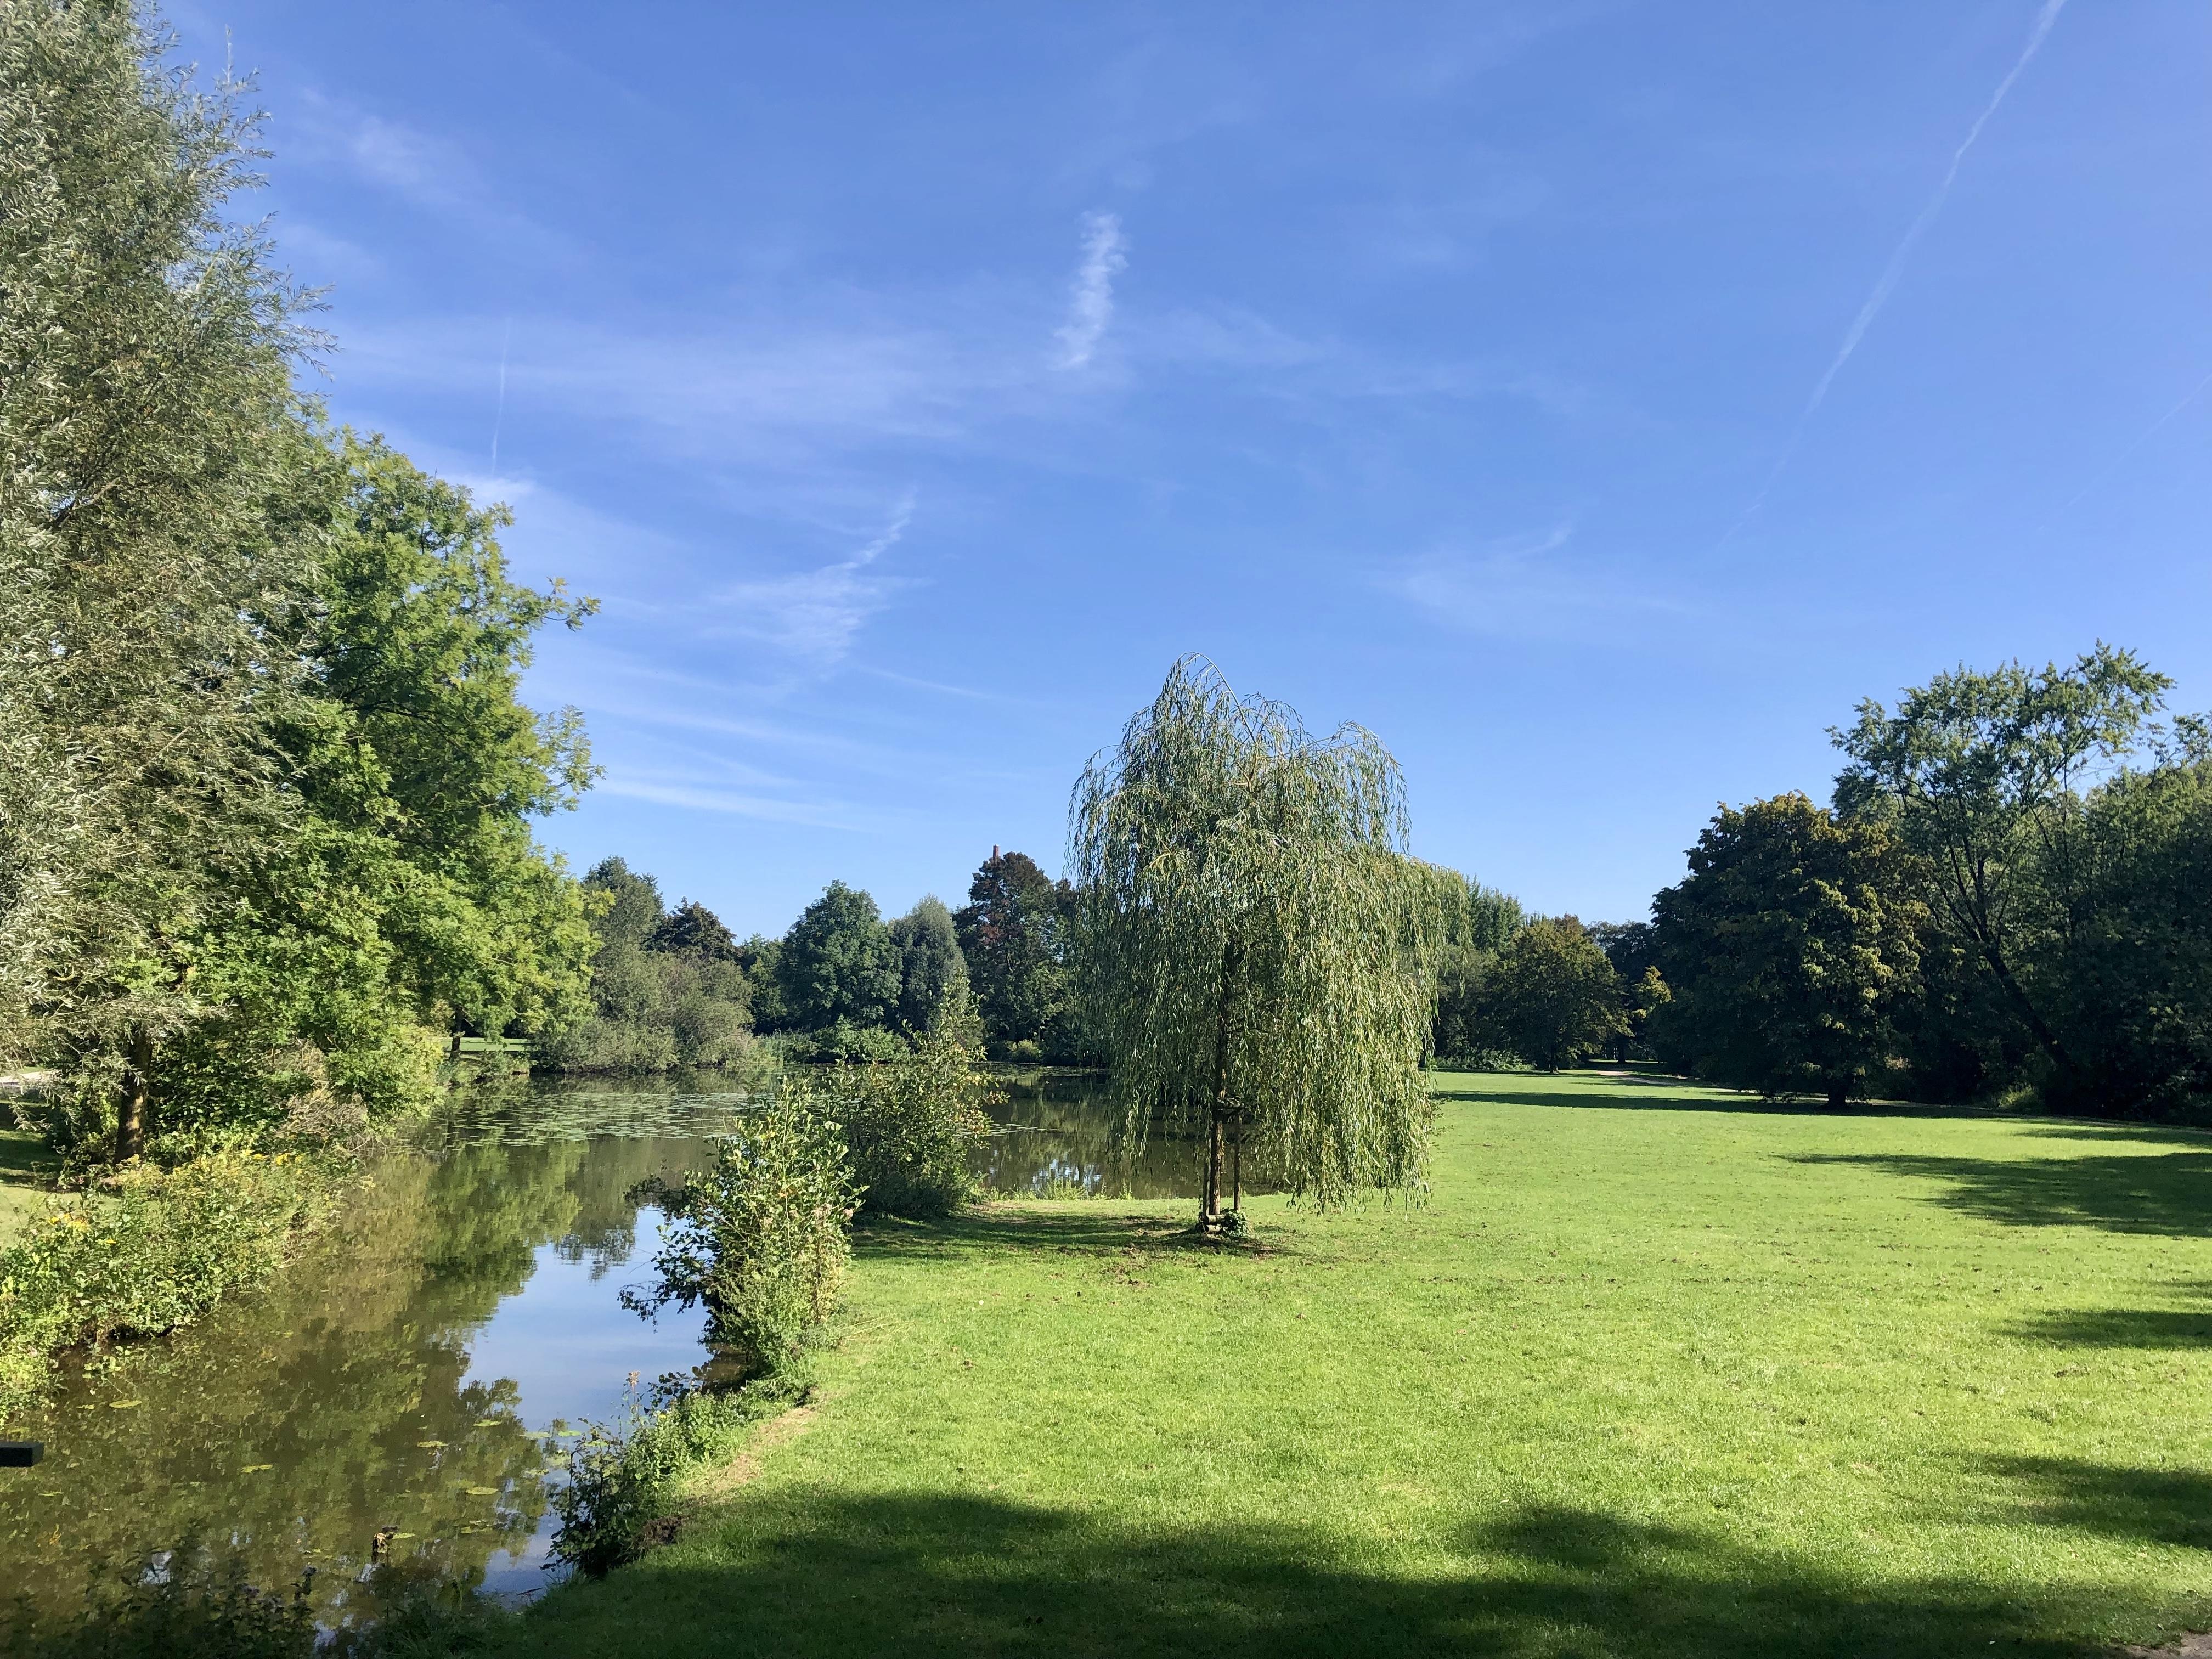 Veranstaltungen 2019 - Finden Sie jetzt Termine im Oktober 2019 in Lippstadt in der Nähe vom Hotel